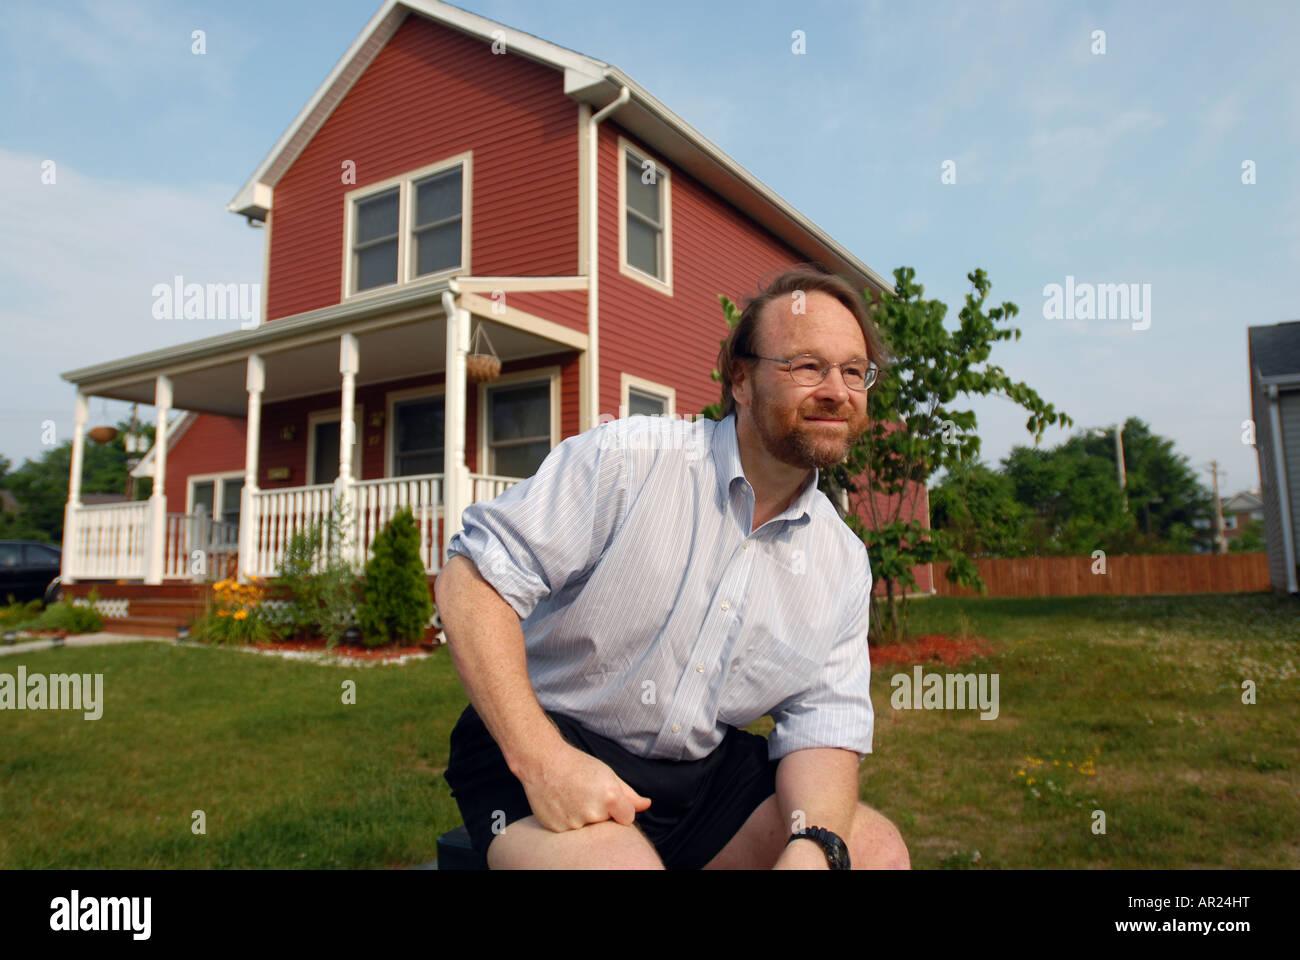 Un architecte d'une maison, il conçu dans un développement du logement à faible revenu dans la Photo Stock